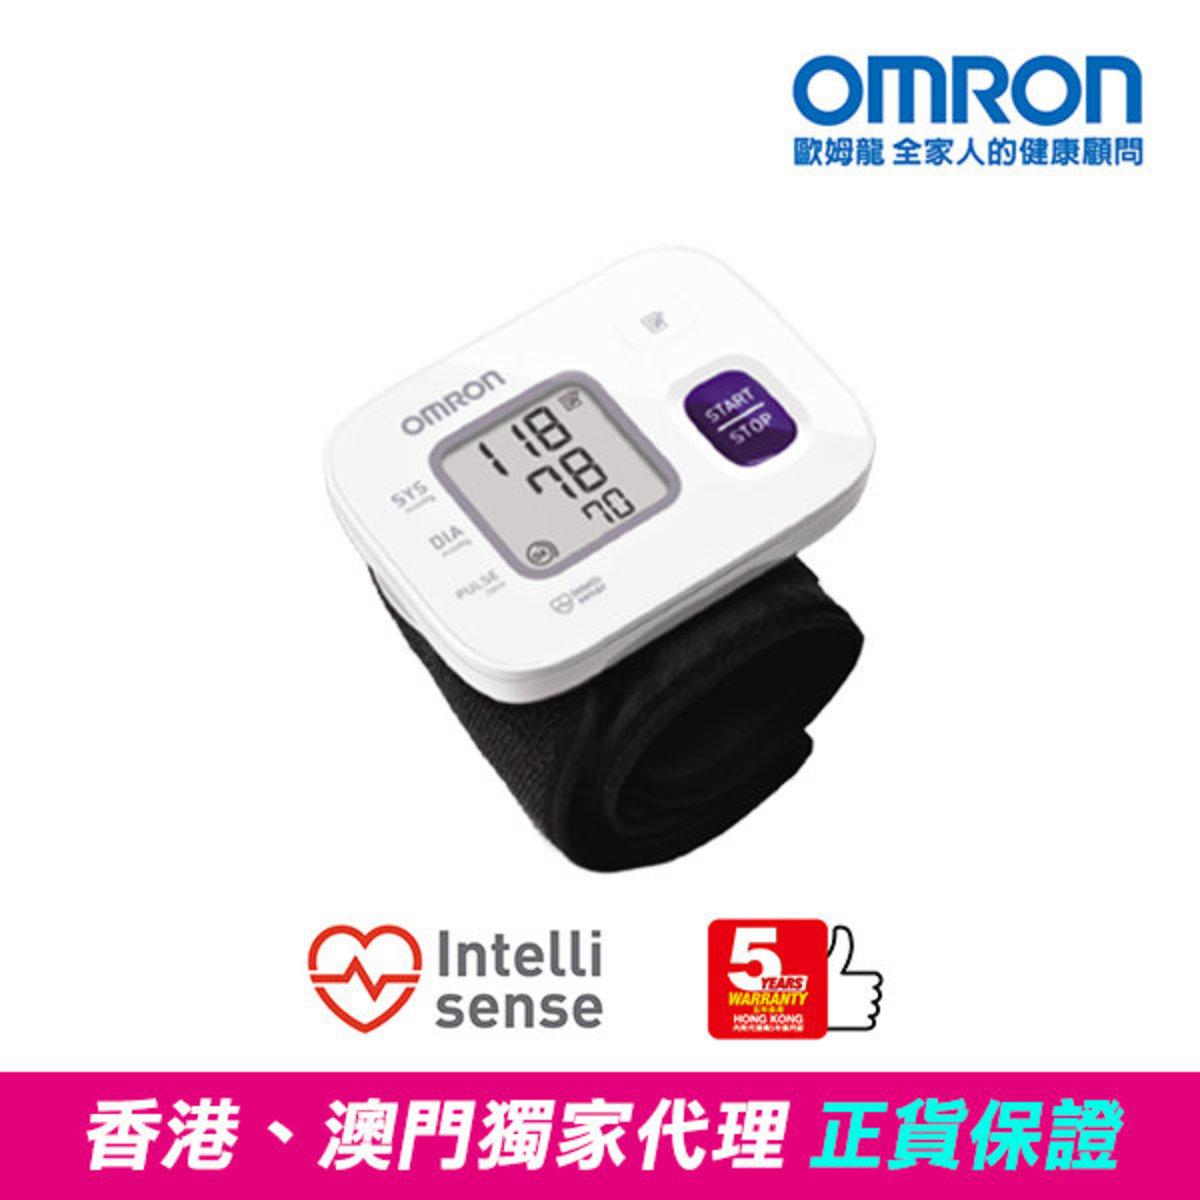 OMRON - HEM-6161 Wrist Blood Pressure Monitor